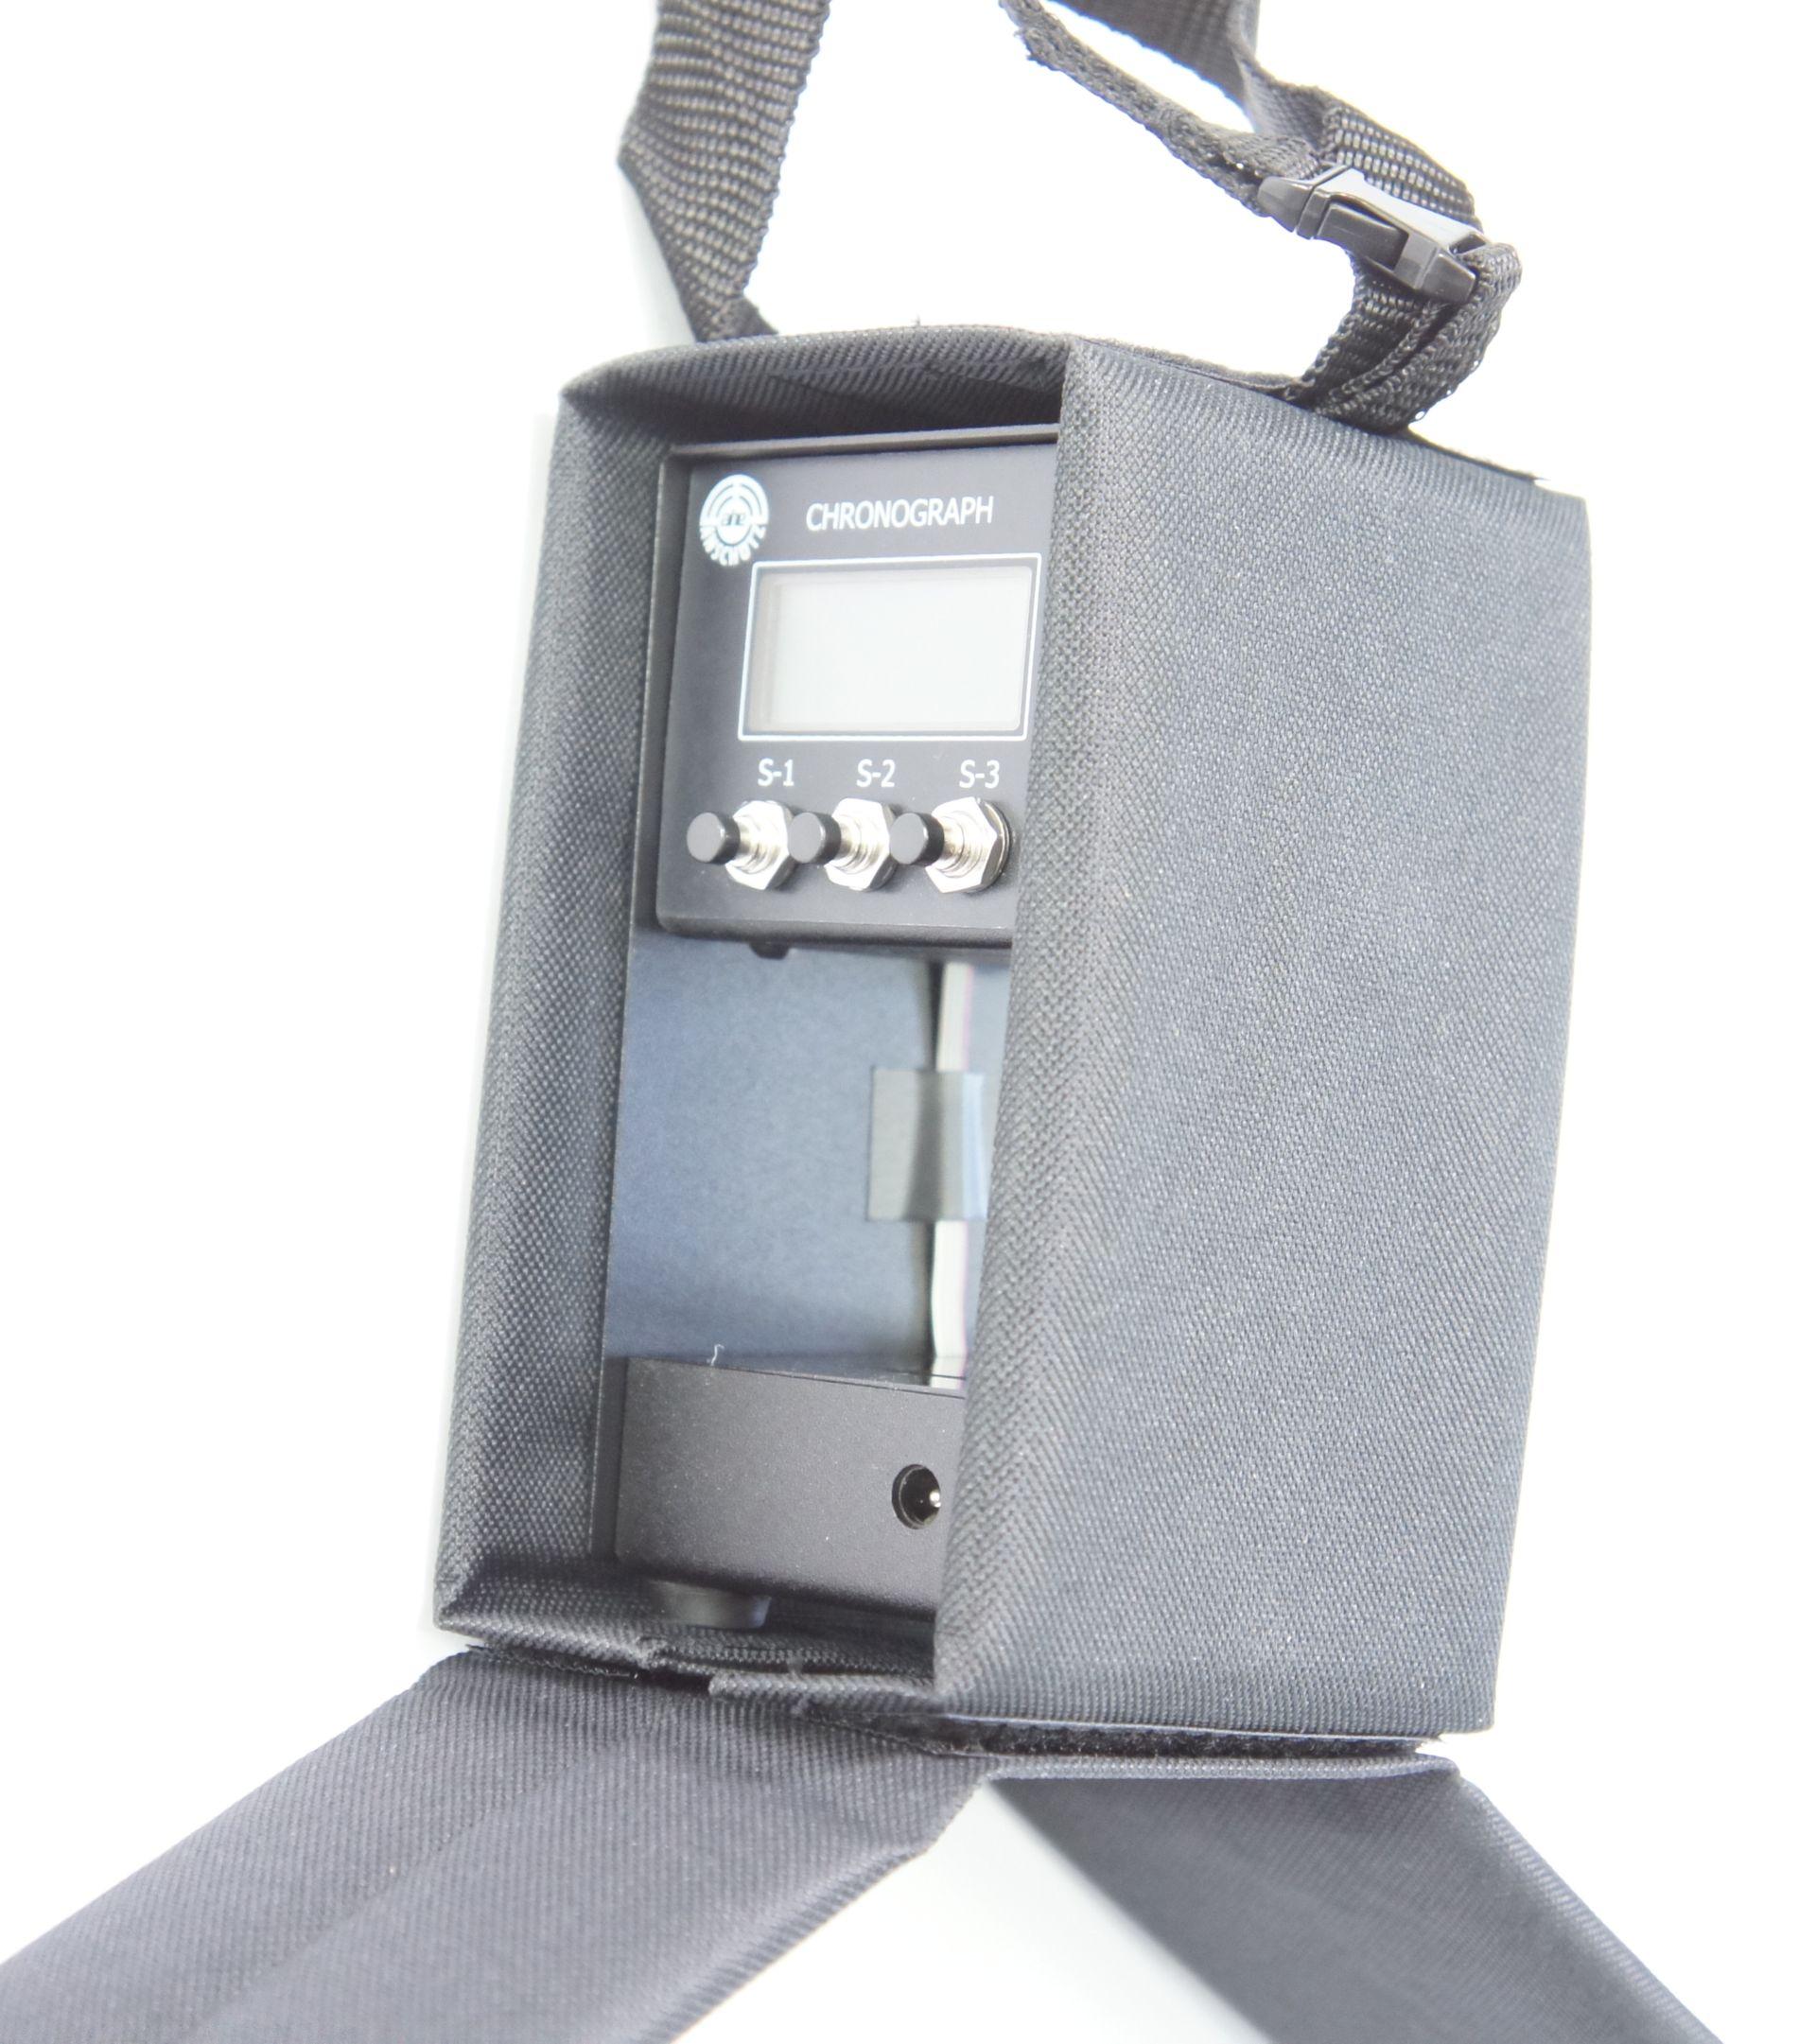 Der Chronograph R2 wird inkl. Tasche geliefert